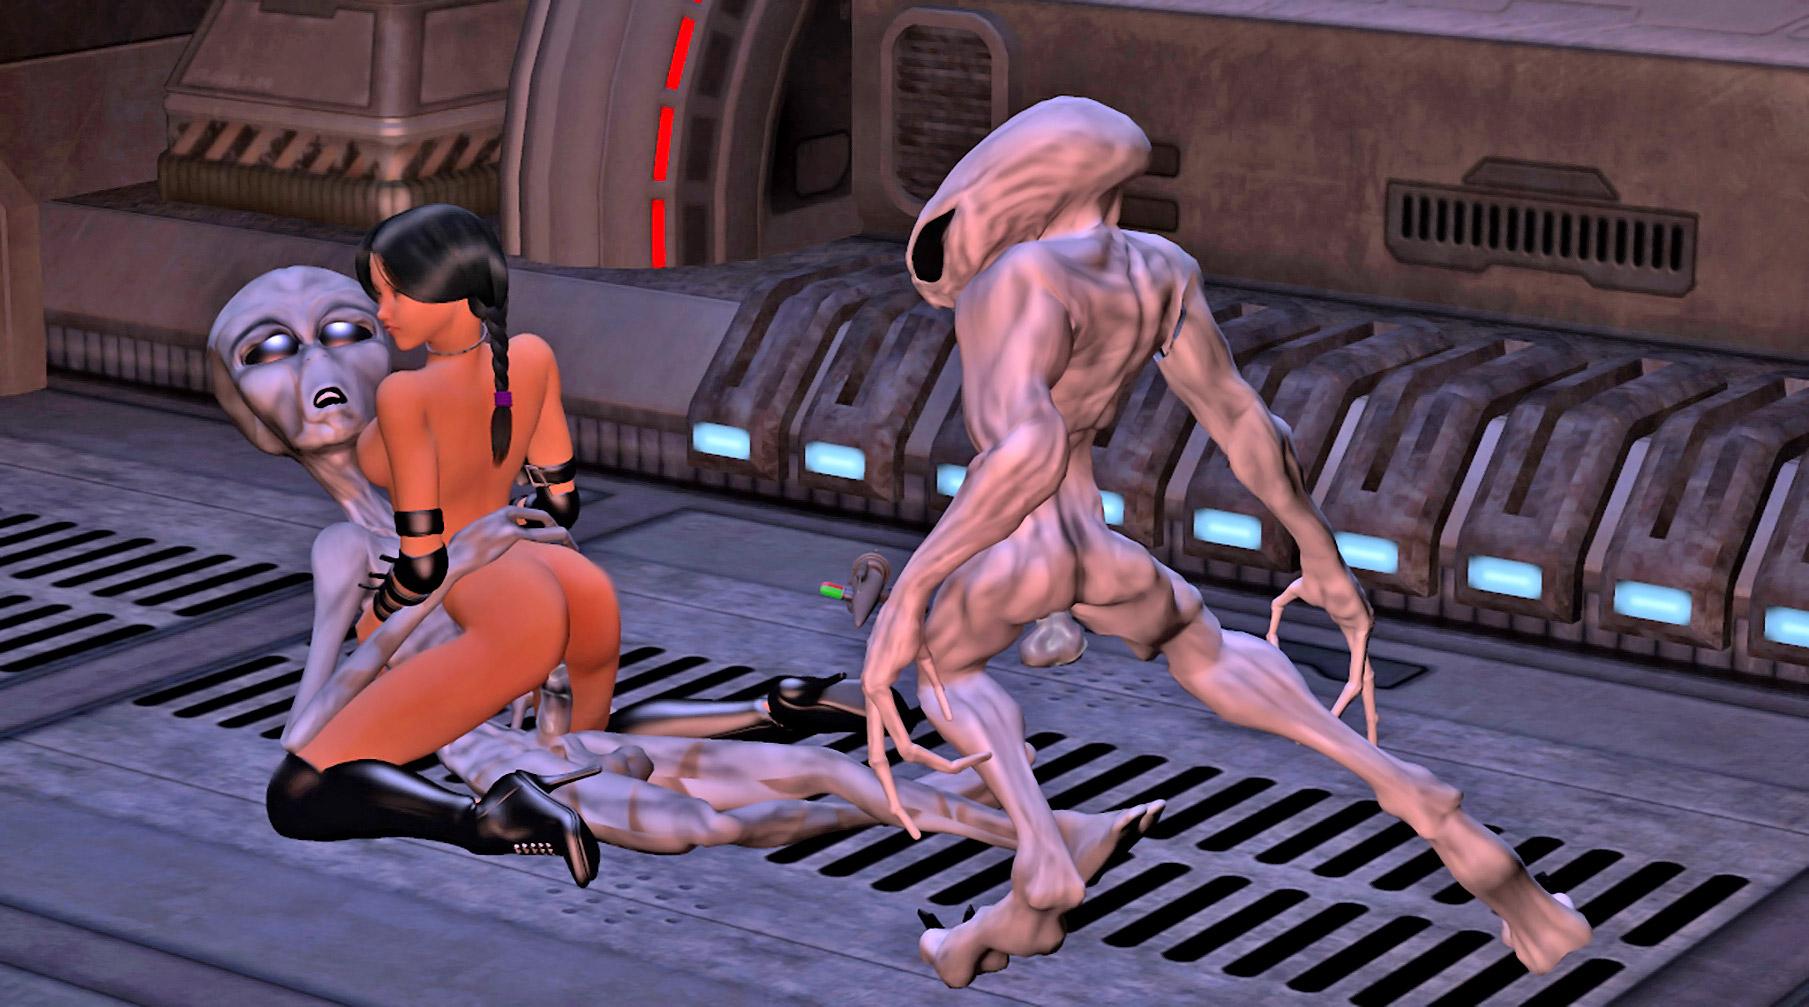 Sci fi sex gif nsfw film